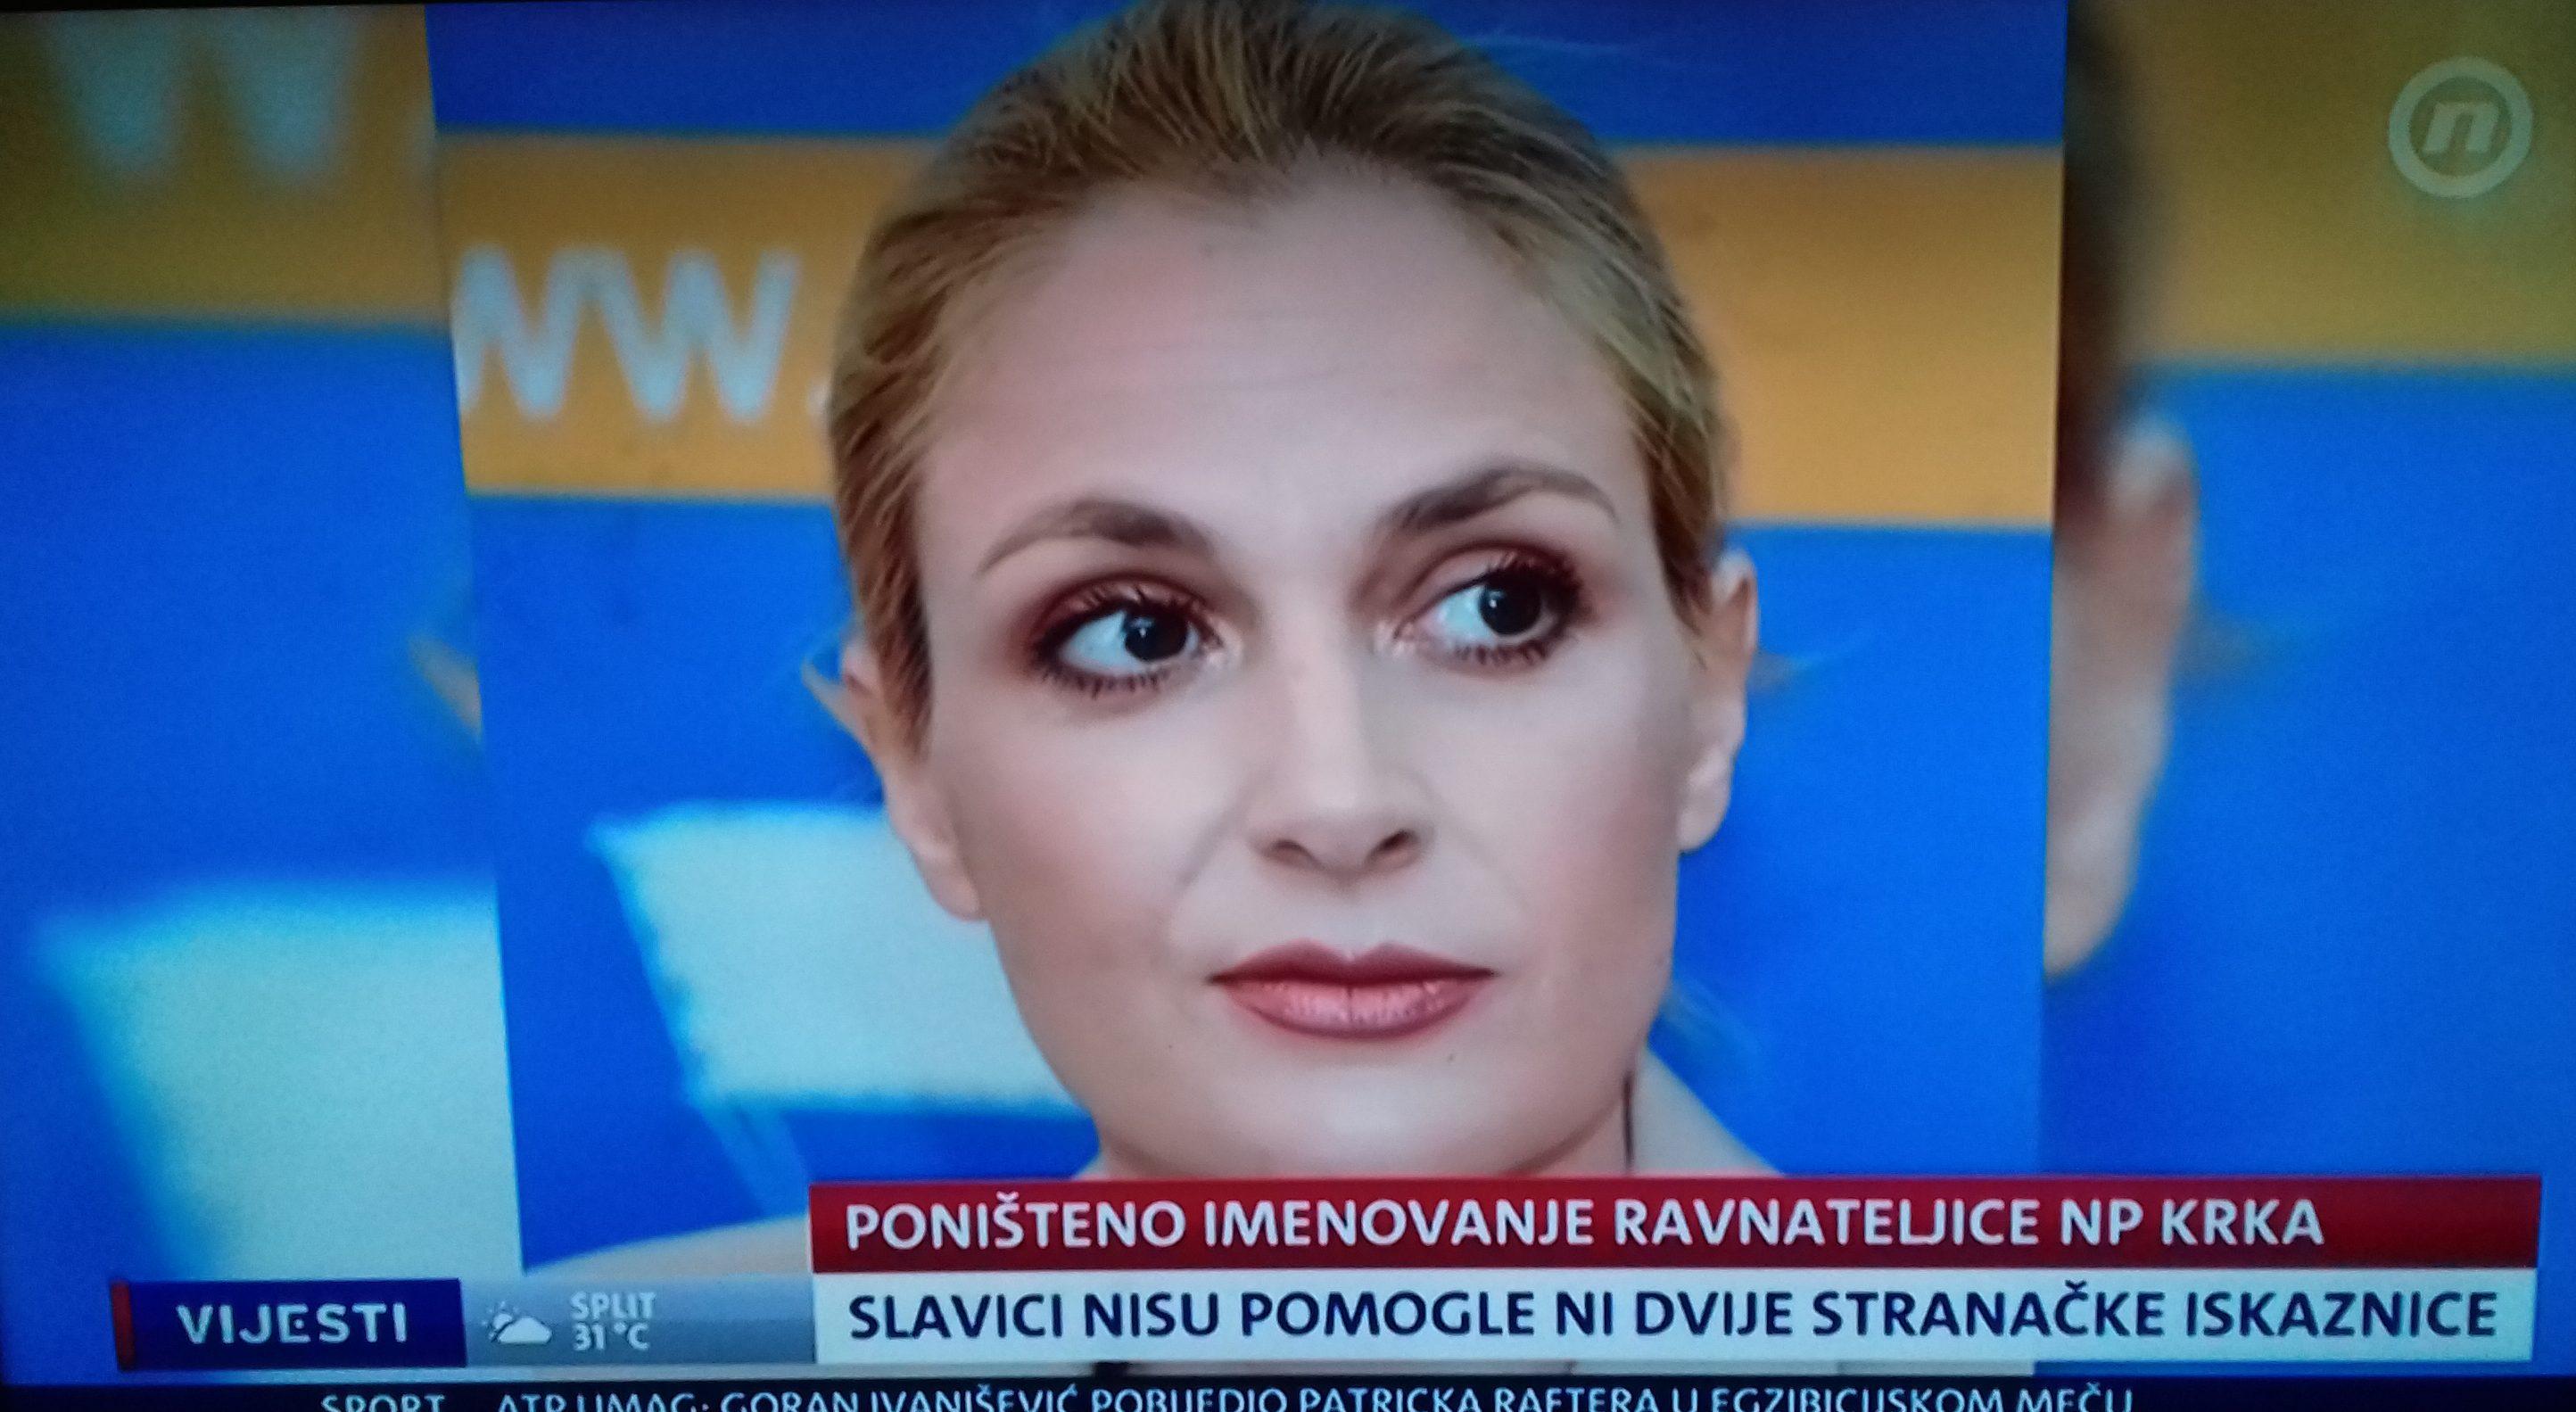 NISU JOJ POMOGLE NI DVIJE STRANAČKE ISKAZNICE: Upravni sud poništio izbor ravnateljice NP Krka Nelle Slavice